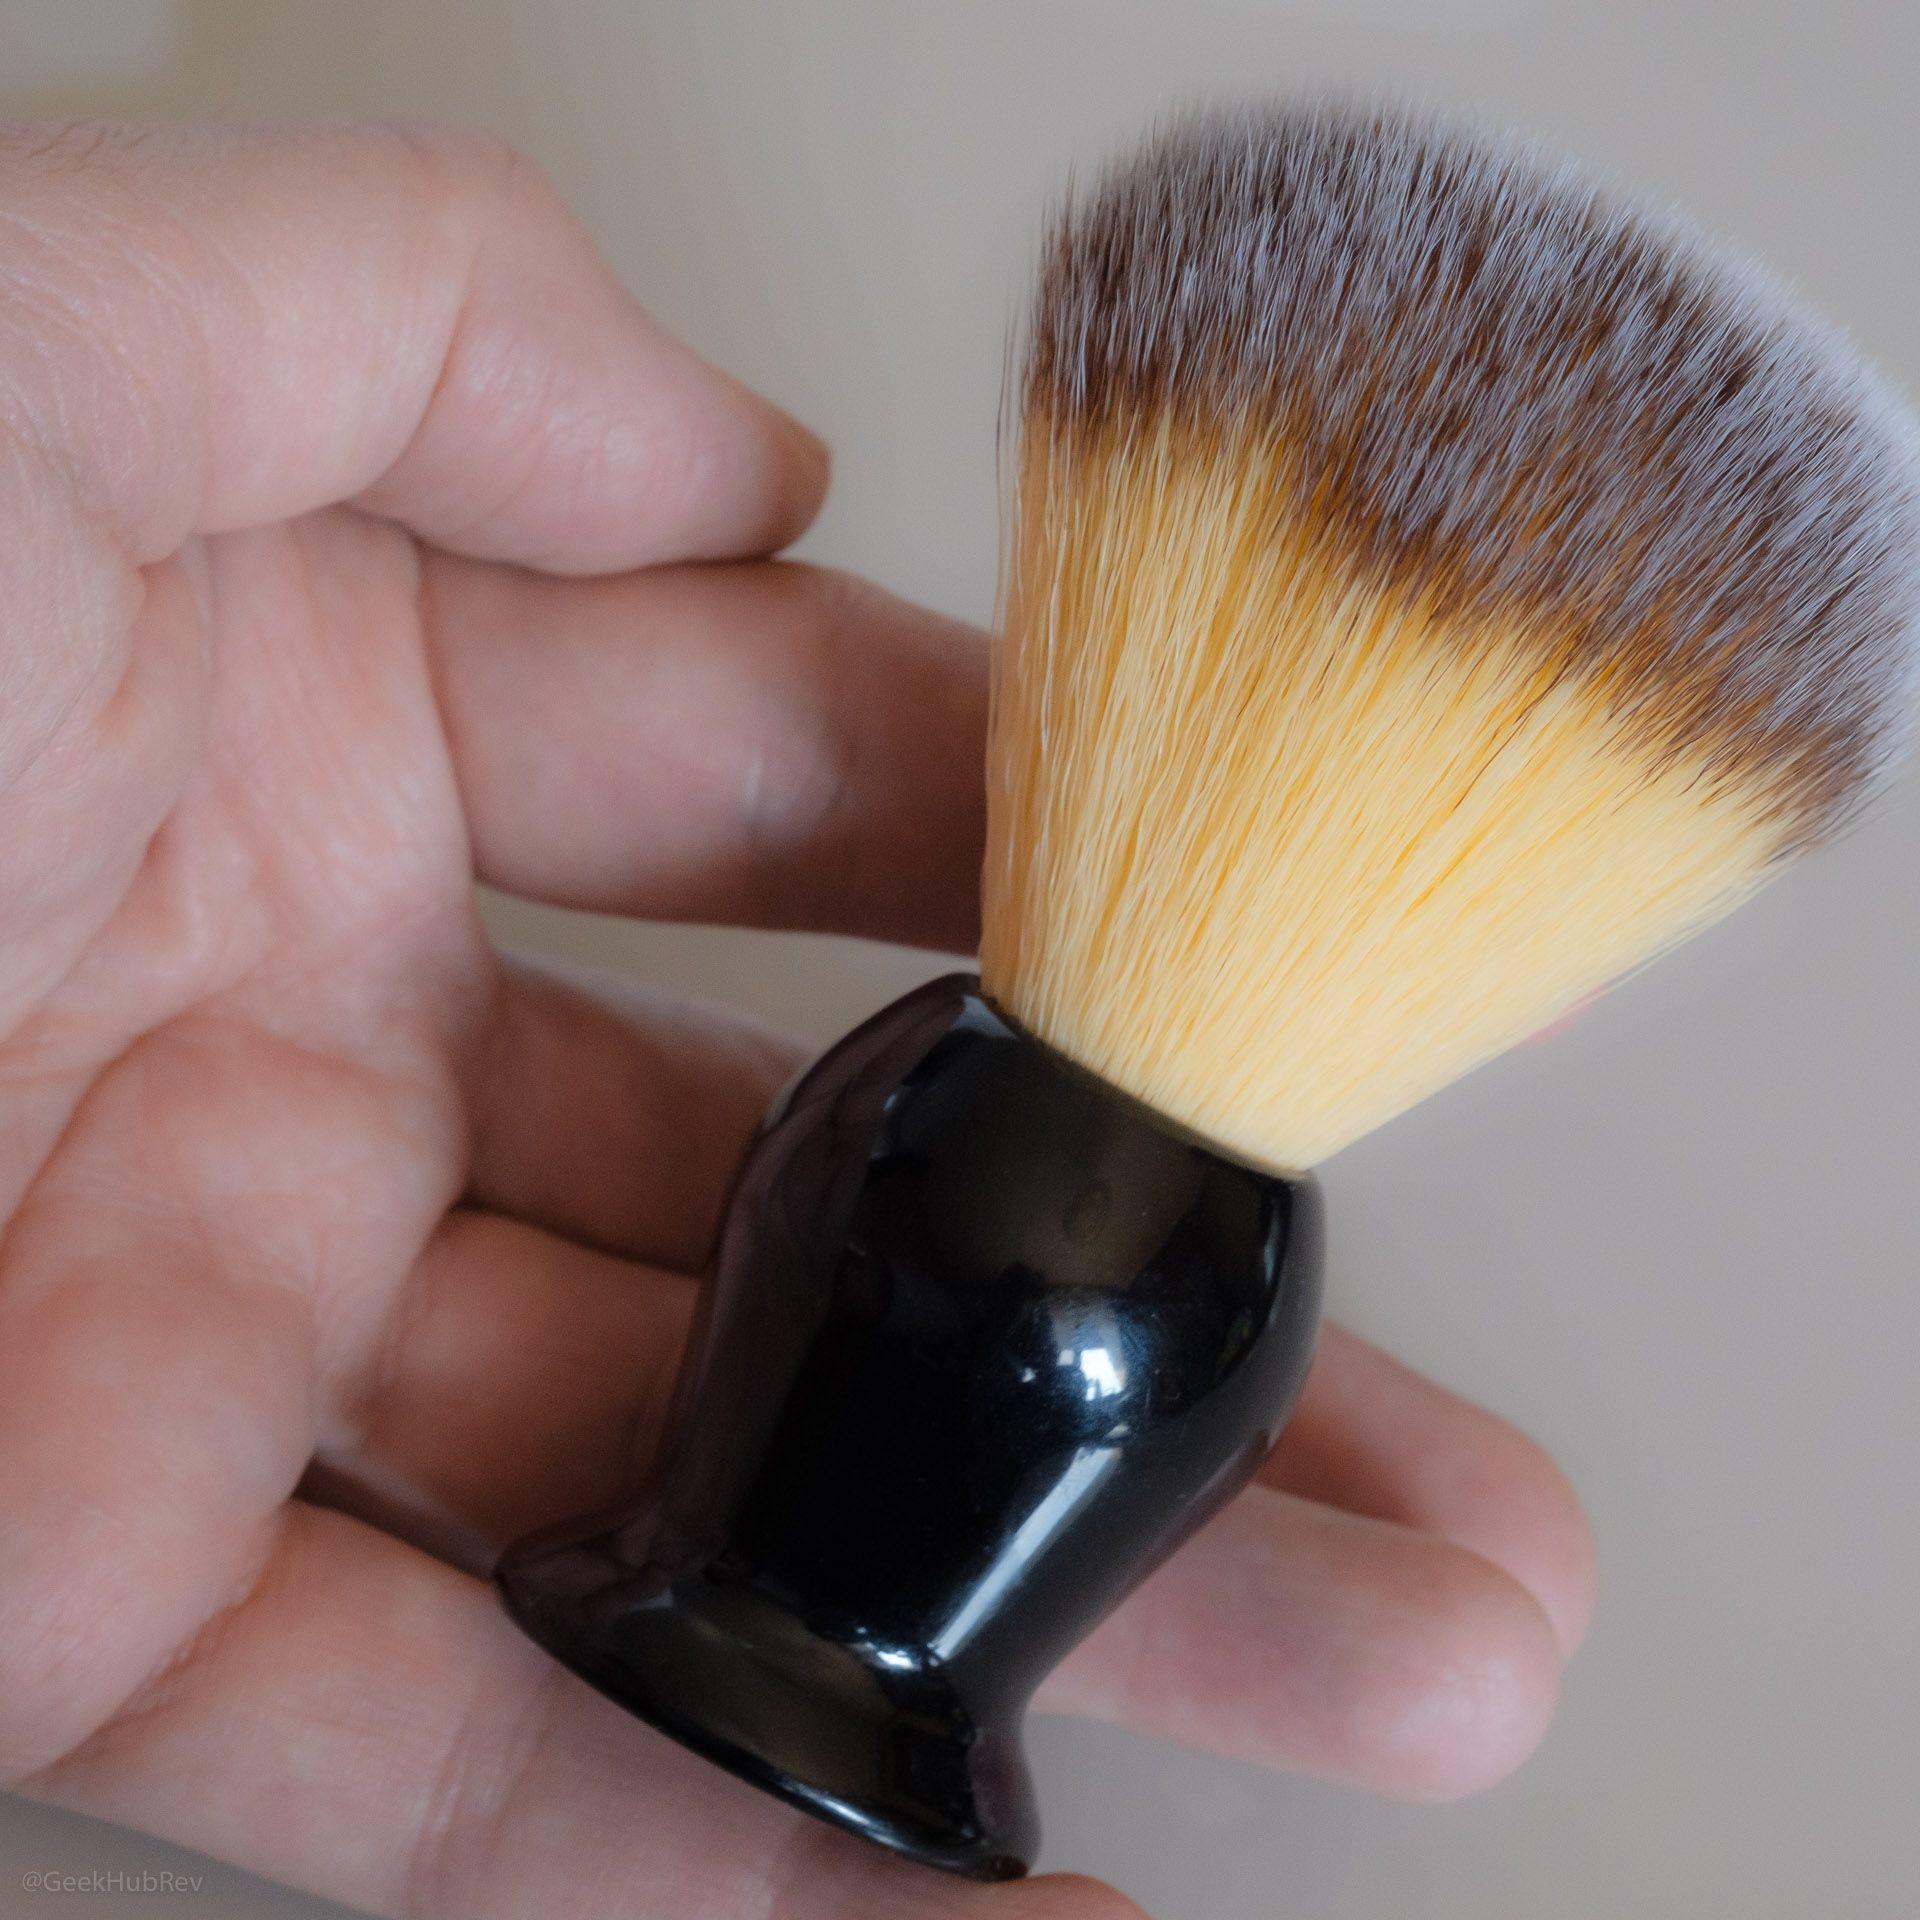 Pędzel do golenia Rockwell Razors Shave Brush w zgrabnej dłoni nieznanego pianisty